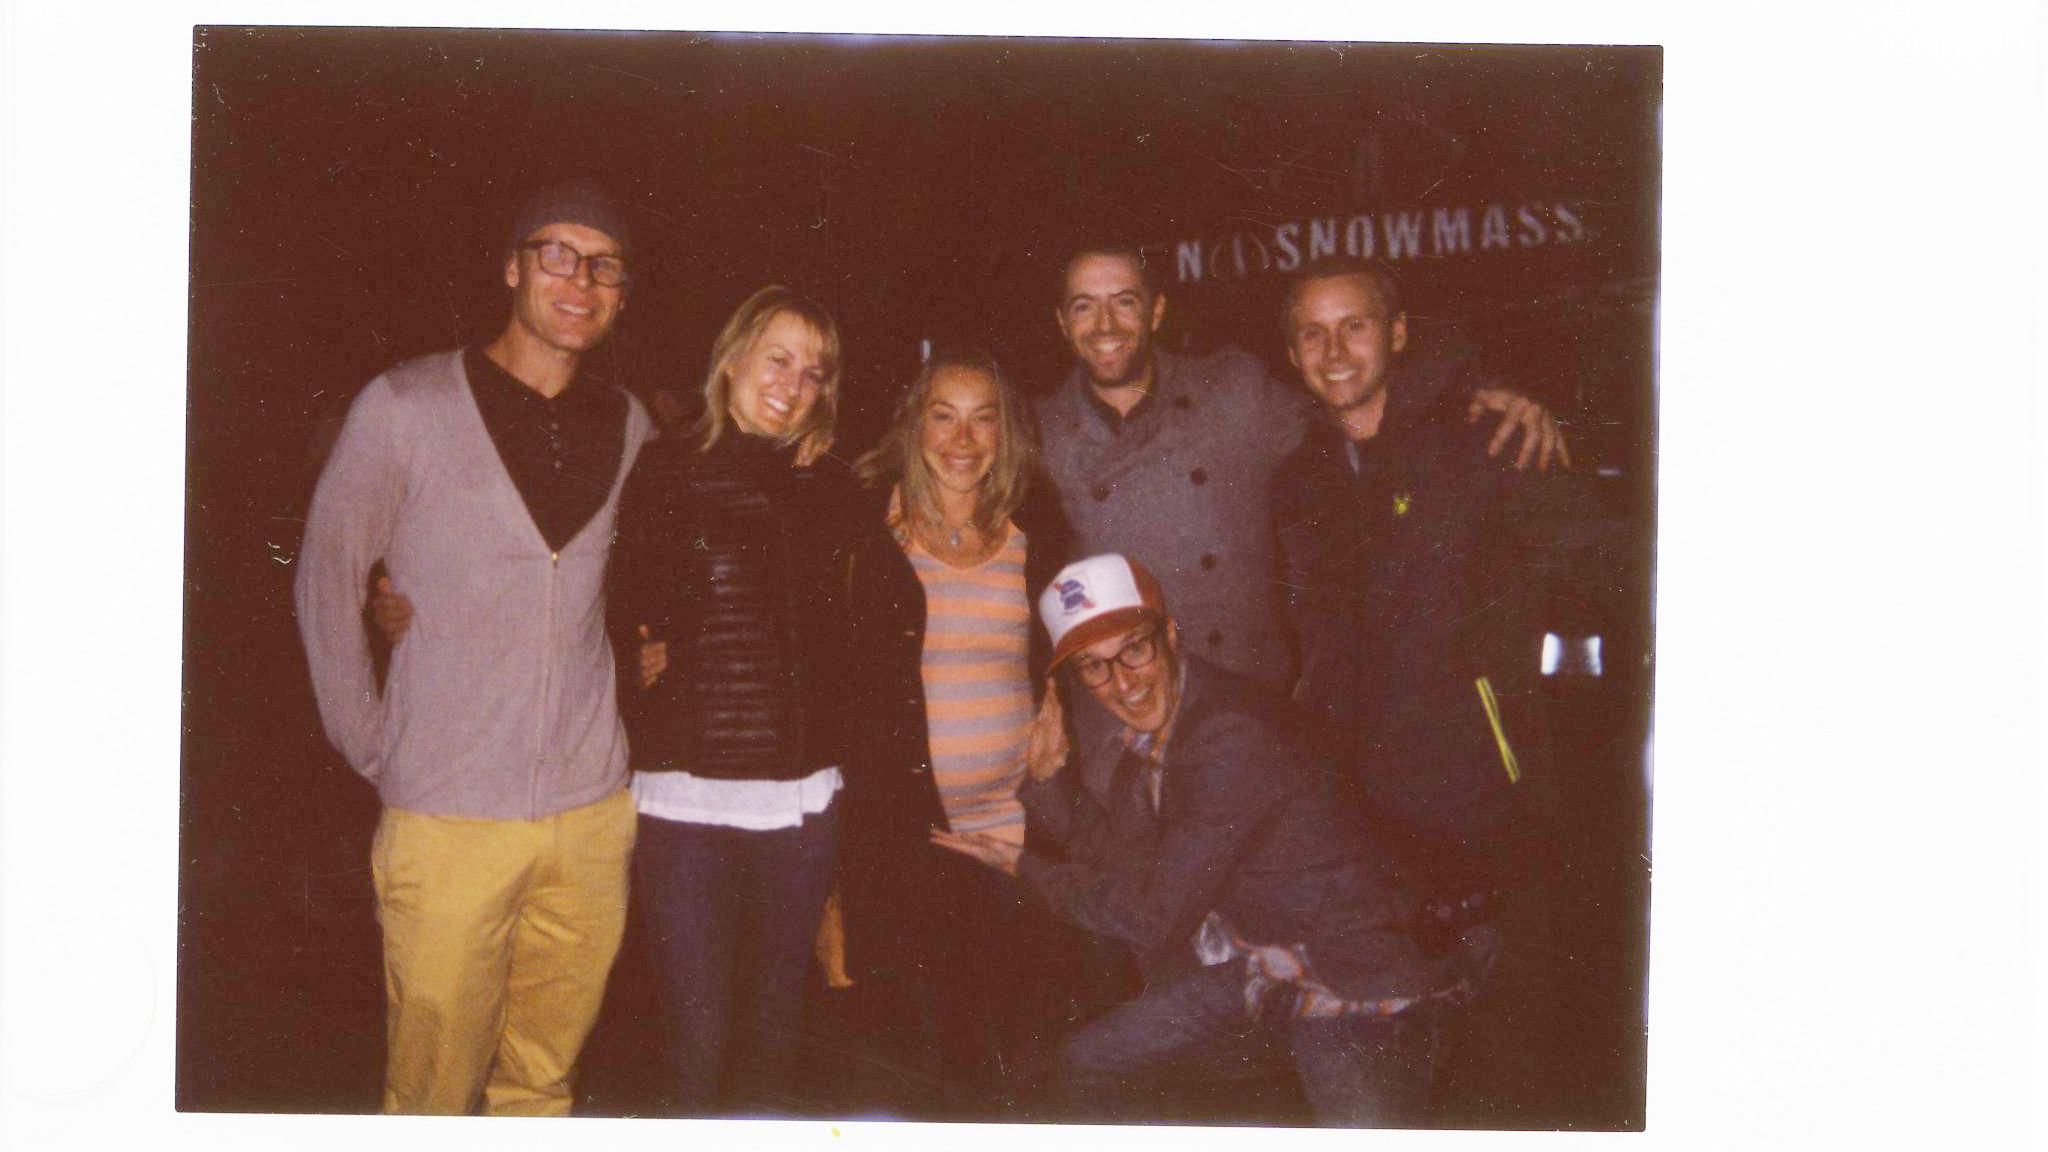 Greg Strokes, Meghan Grabow, Tess Weaver Strokes, Digi Dave Amirault, Jamie Starr